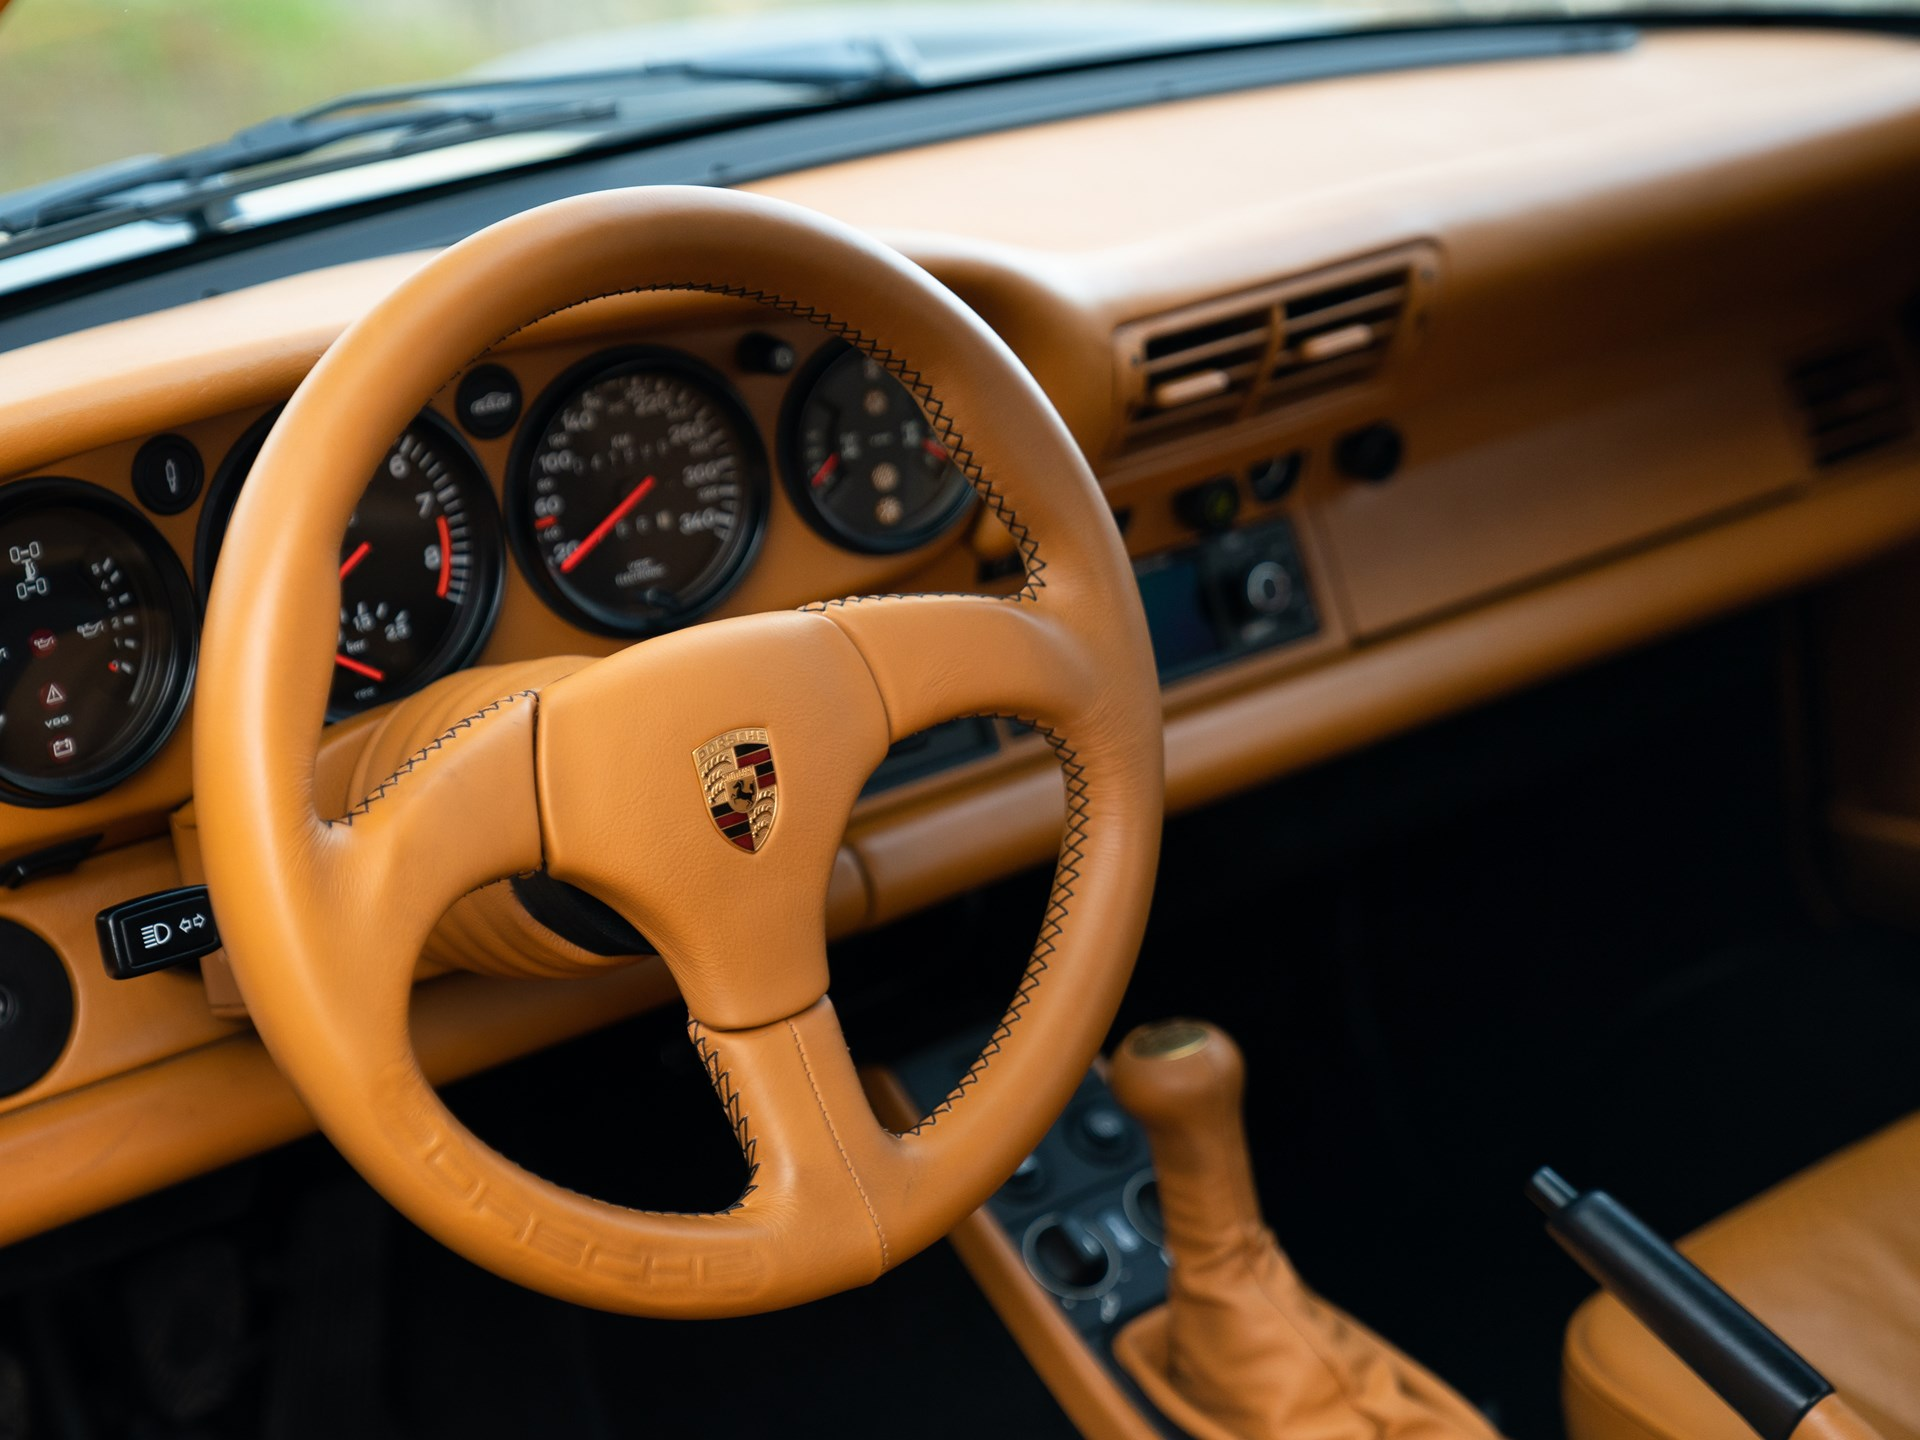 1988 Porsche 959 Komfort steering wheel